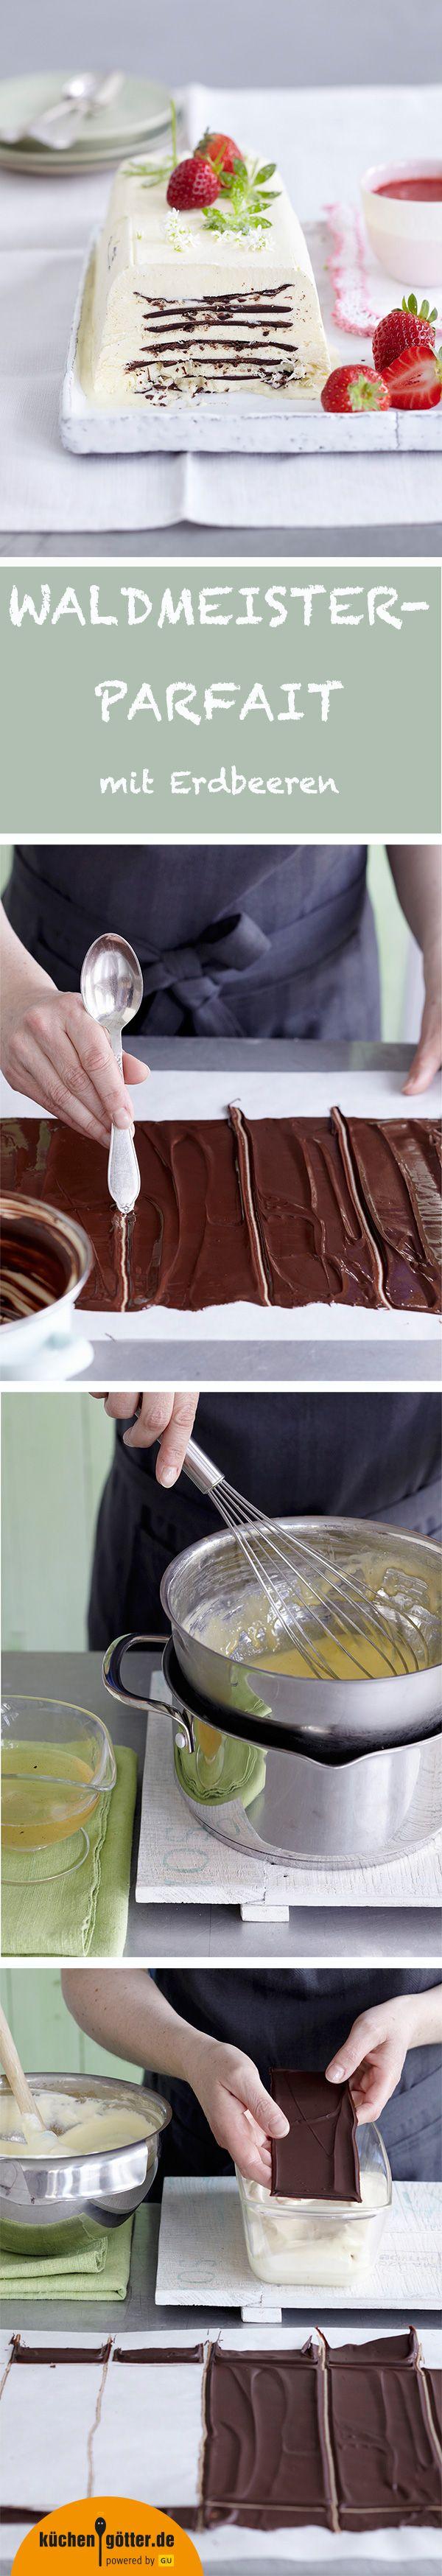 WALDMEISTER-PARFAIT - Wie duftet der Frühling? Keine Frage: nach Waldmeister! Was liegt da näher, als dieses Aroma in einem ganz besonderen Dessert mit knackiger dunkler Schokolade und leuchtenden Erdbeeren einzufangen? Das cremige Eis aus Sahne, Waldmeistersirup und Limette wird von Schokolade durchzogen und mit Erdbeersauce serviert. Himmlisch gut!